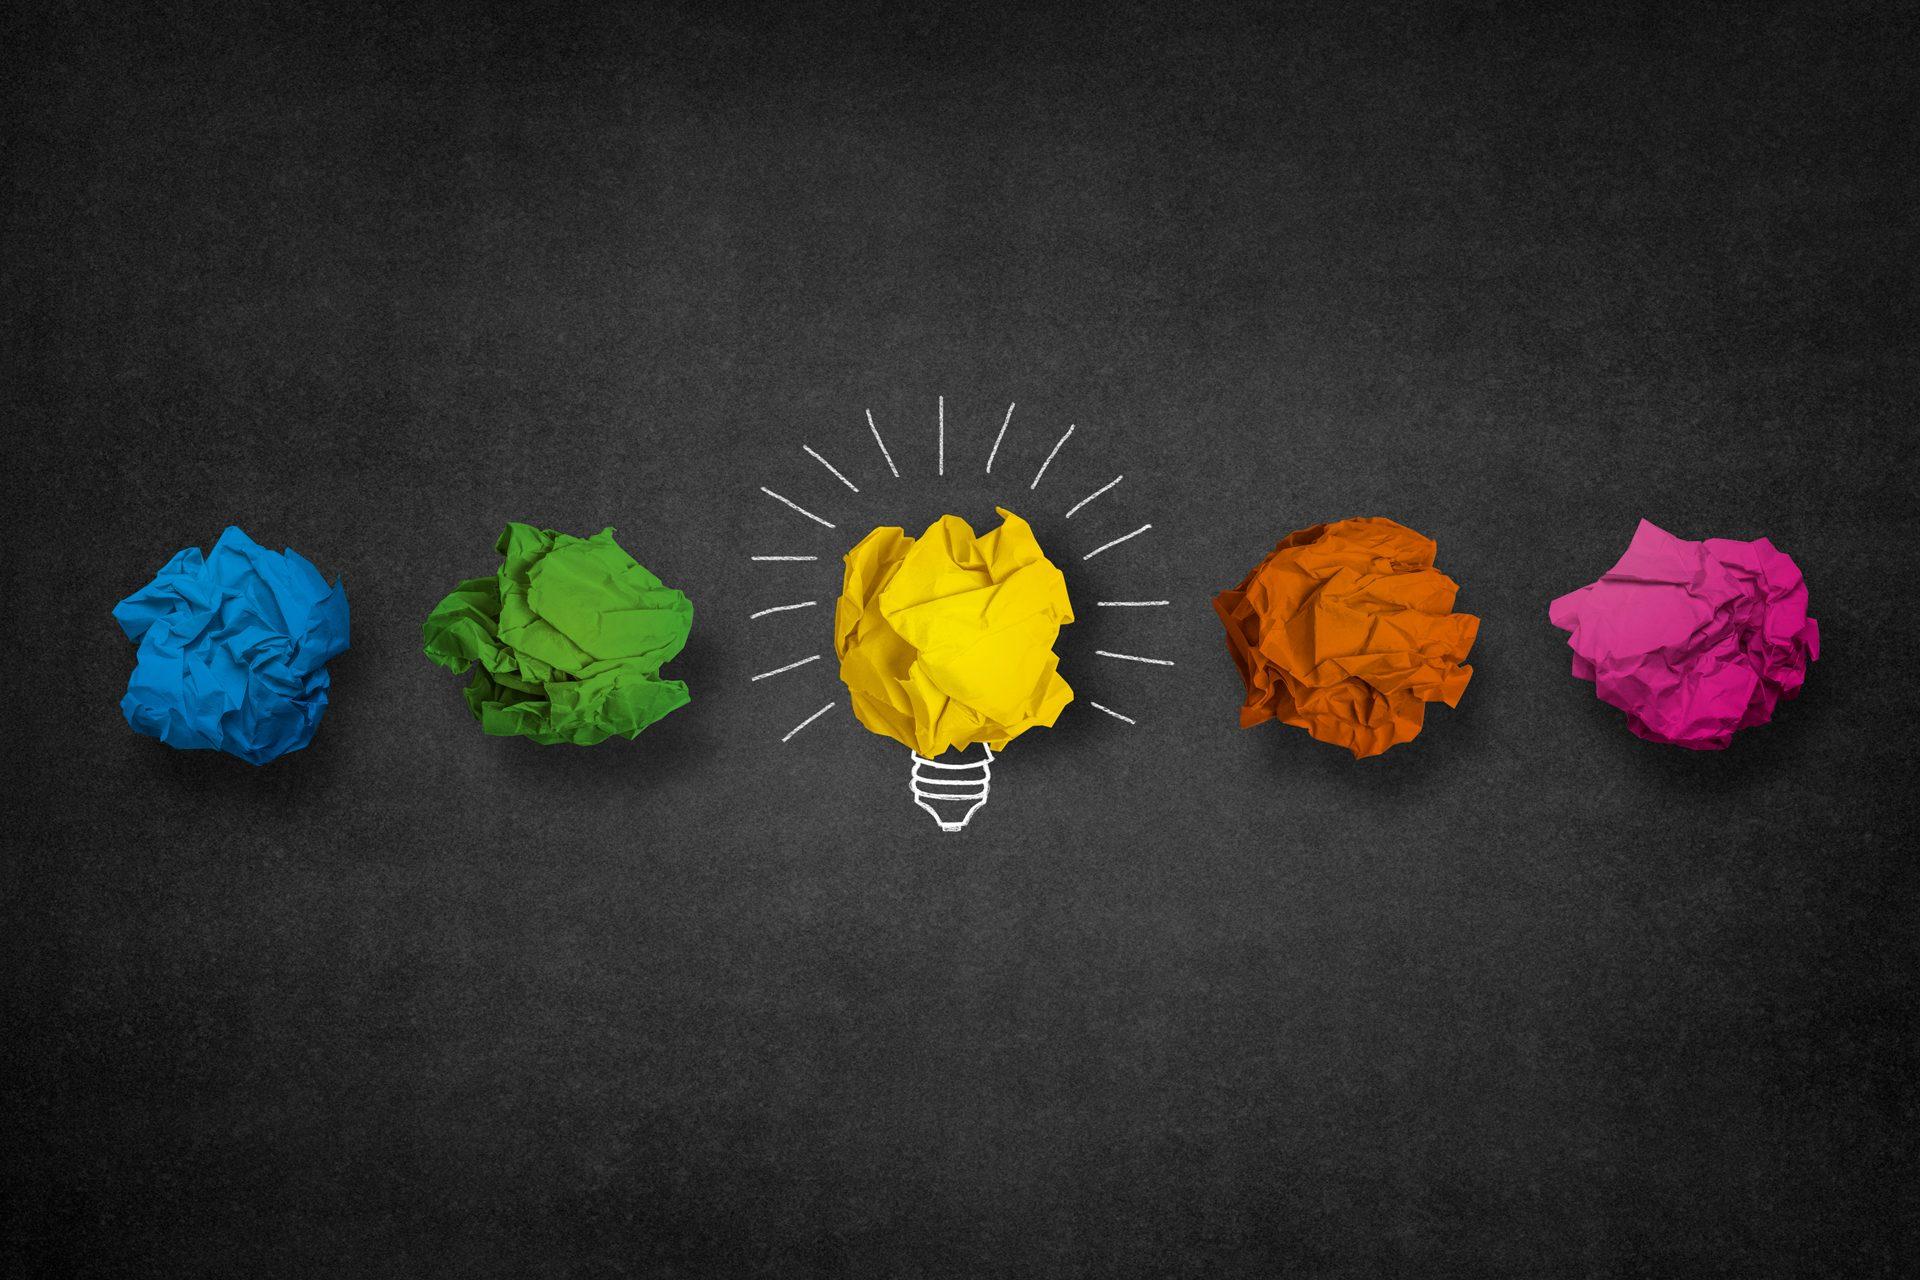 Sức sáng tạo của bạn bị cản trở bởi những suy nghĩ sai lầm này